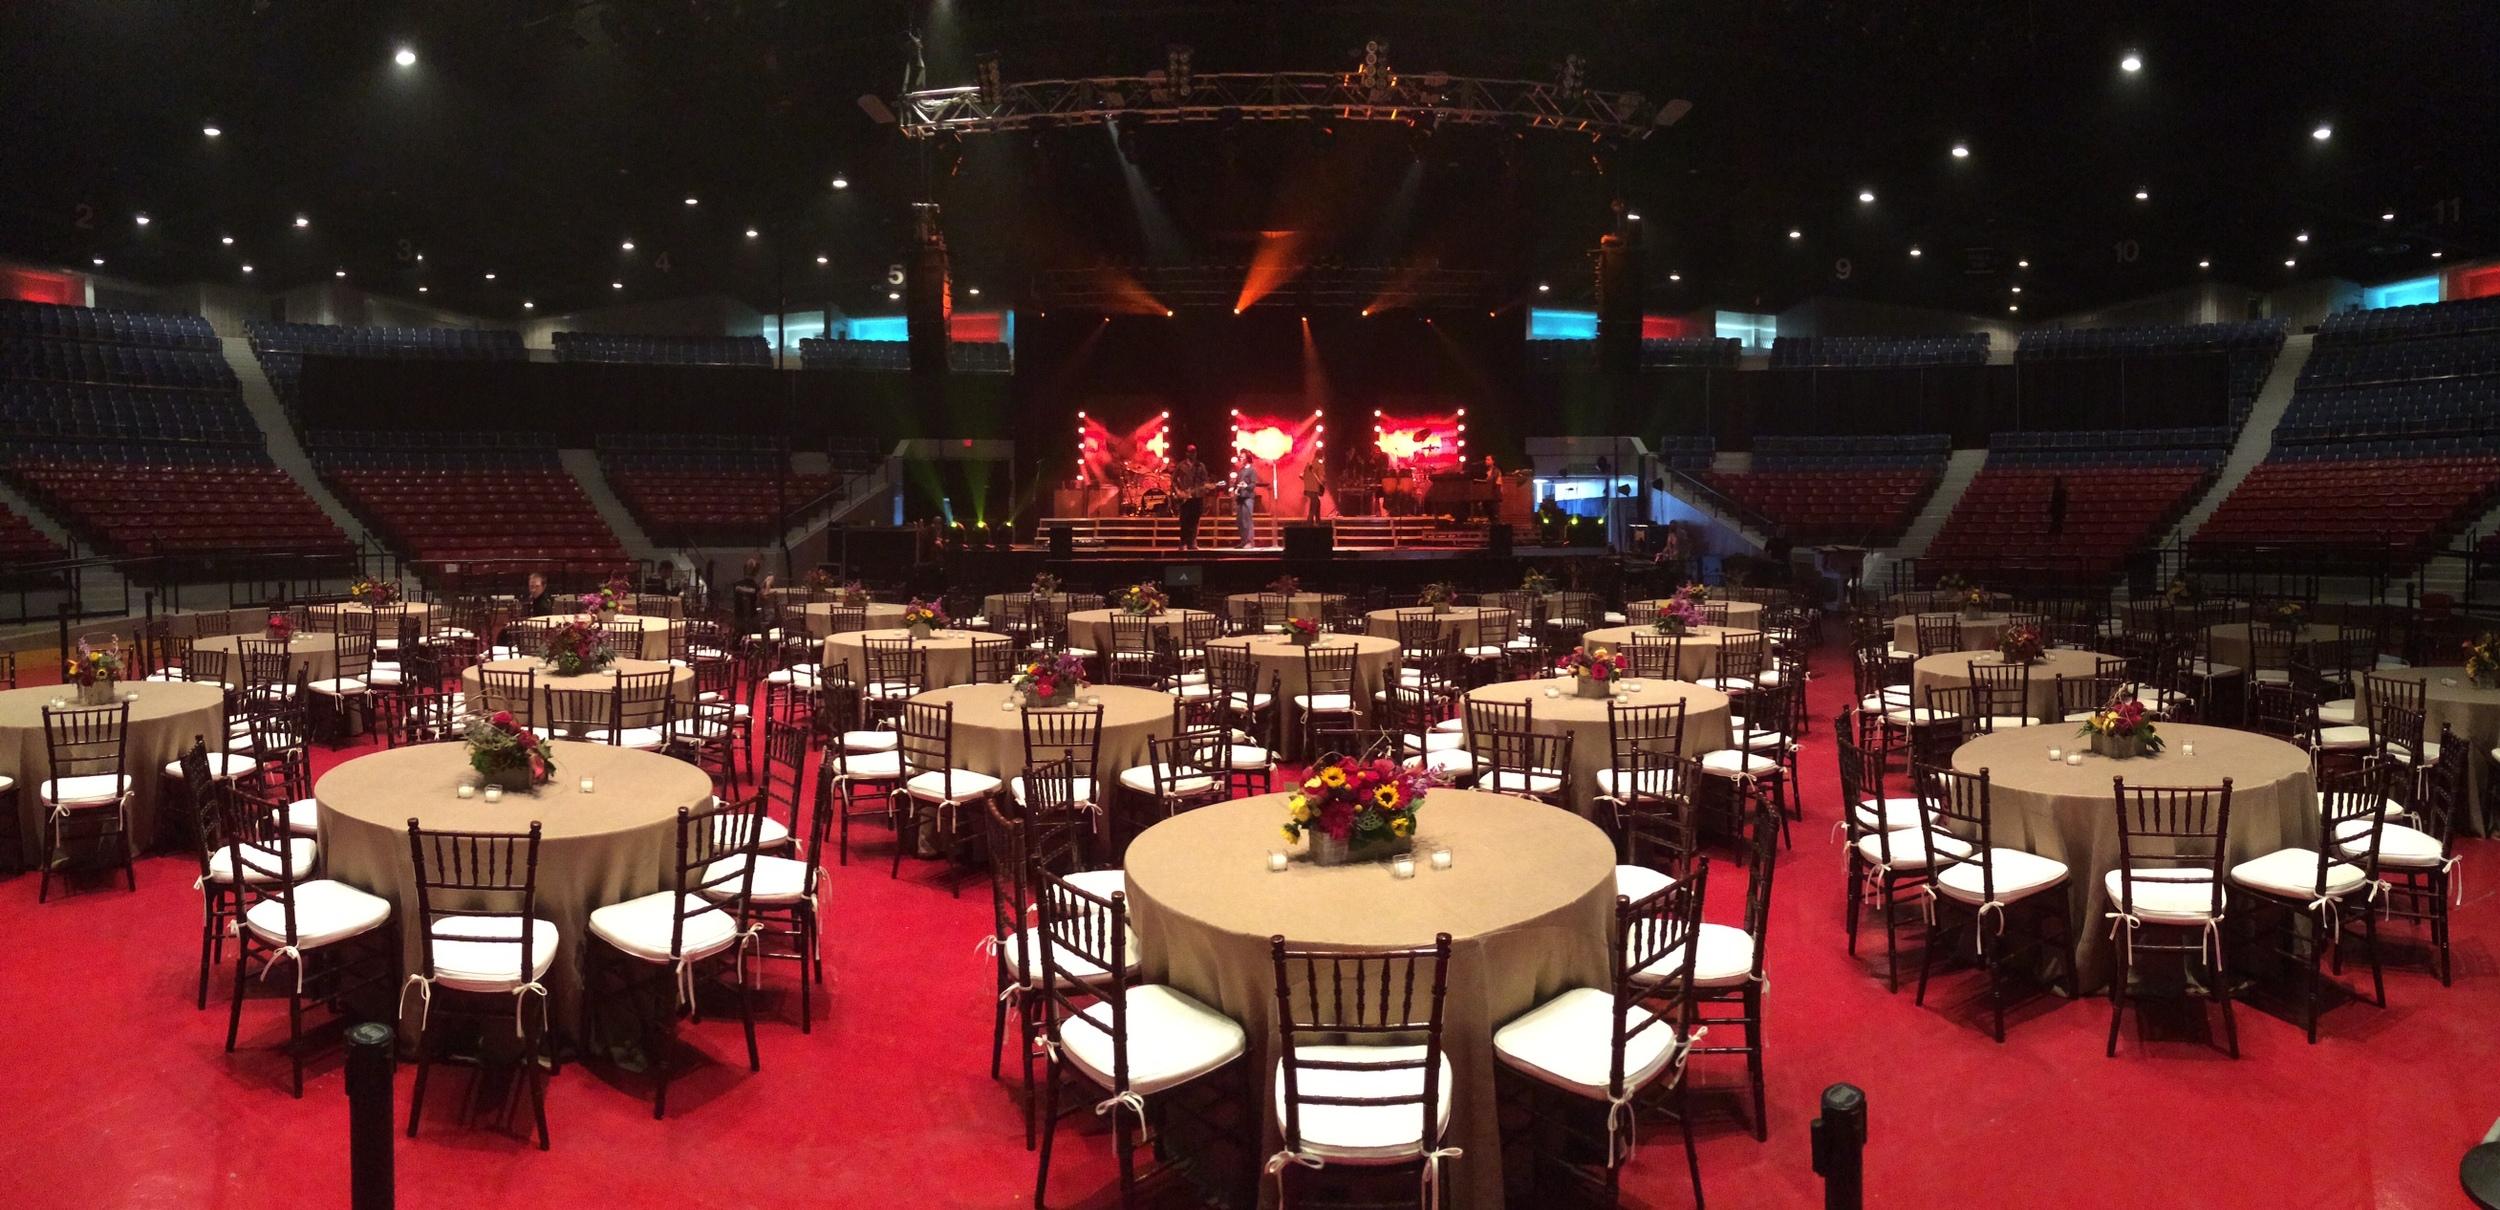 Frankfort Arena